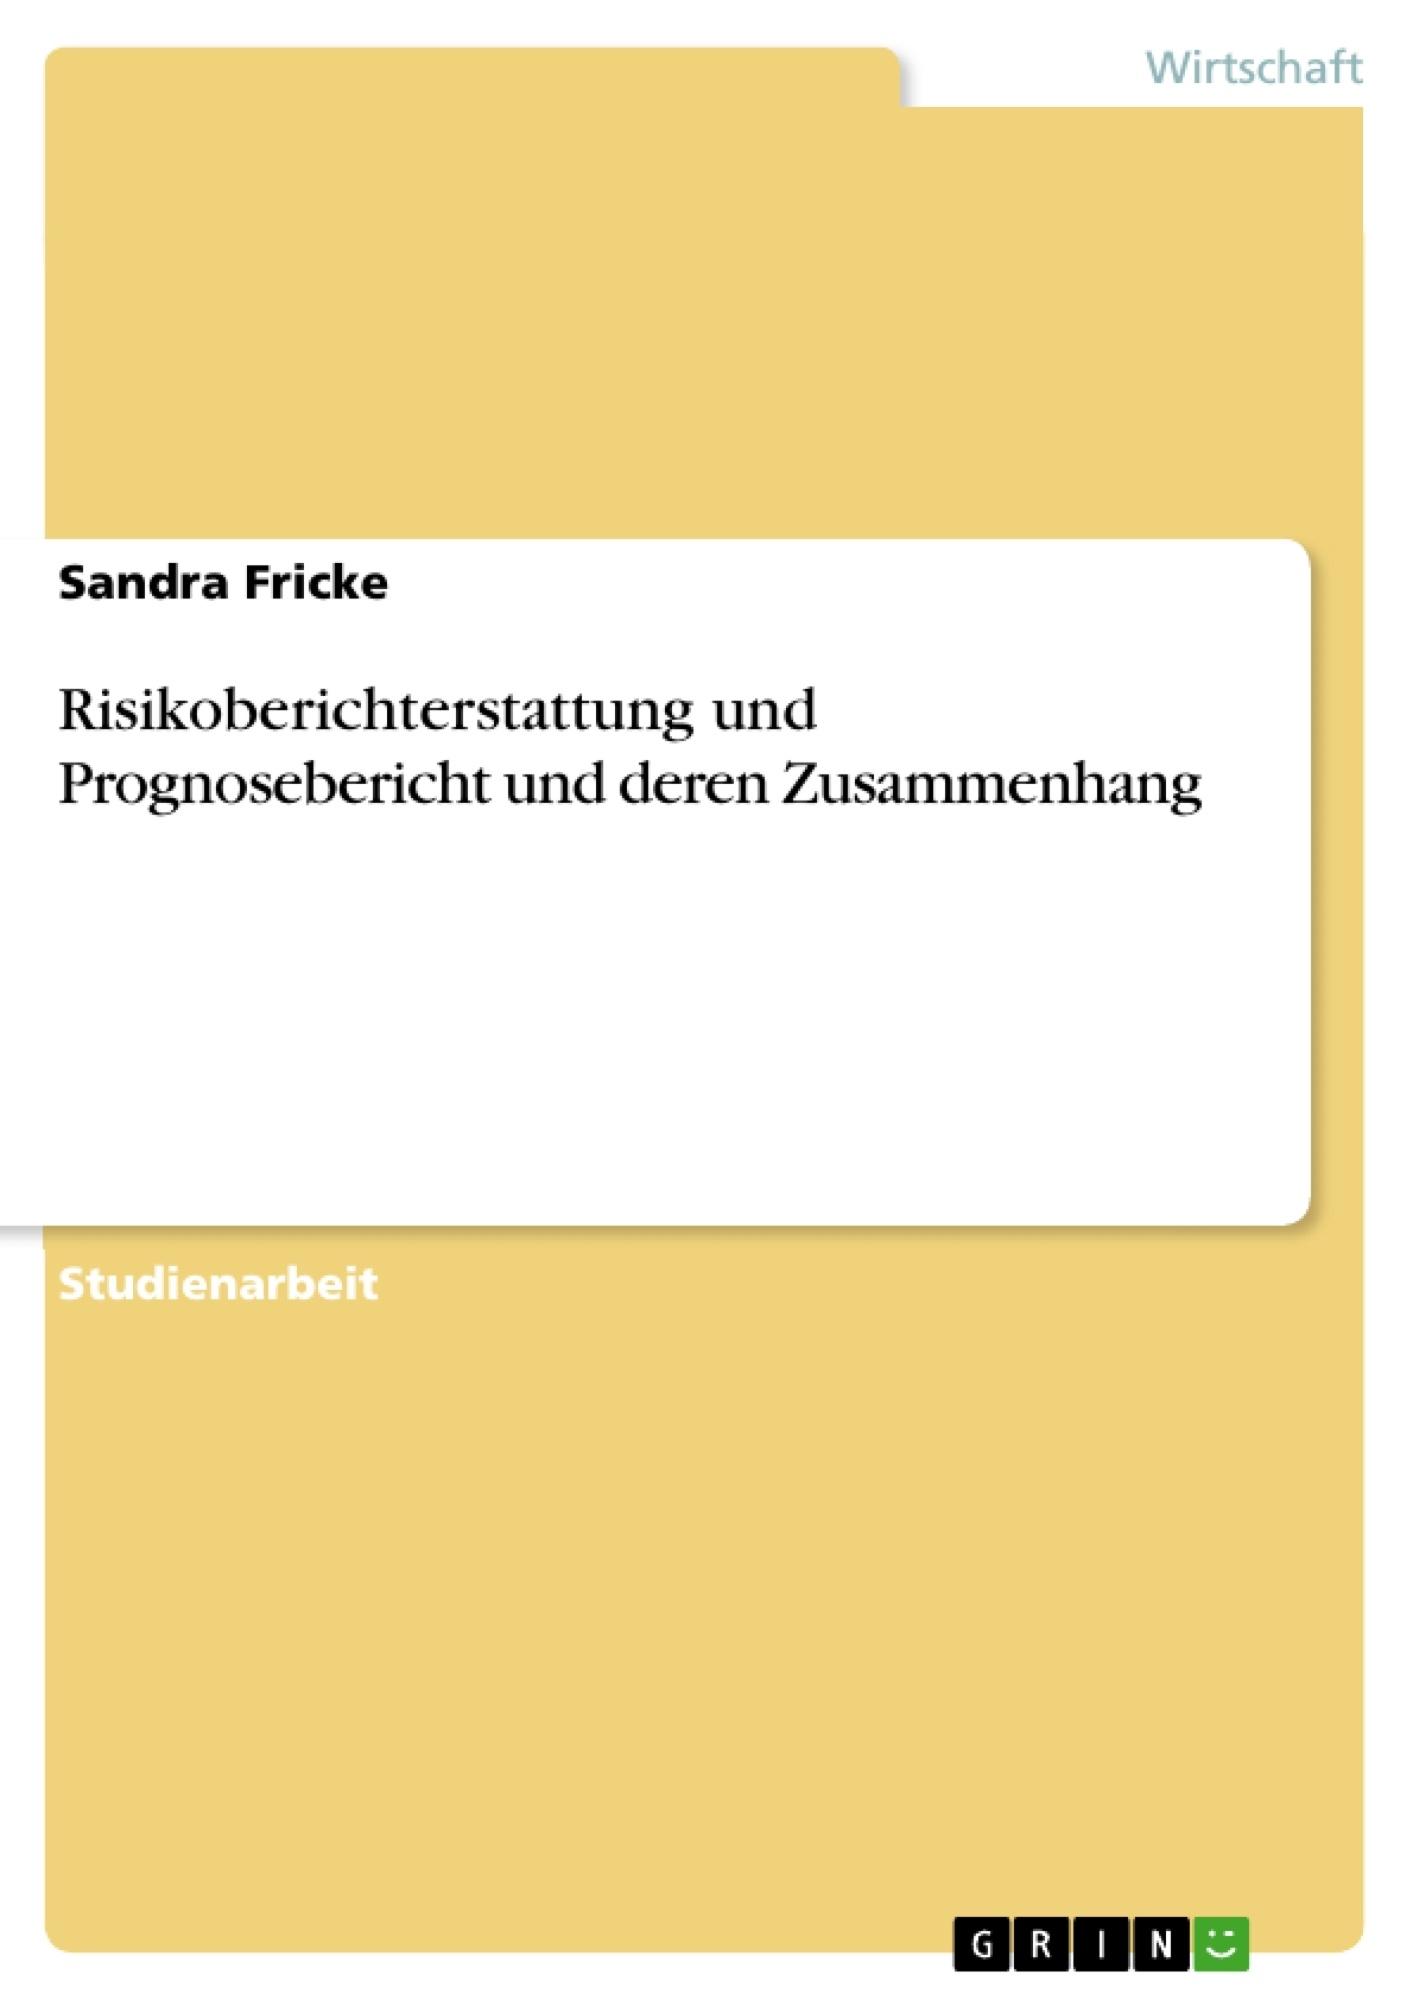 Titel: Risikoberichterstattung und Prognosebericht und deren Zusammenhang